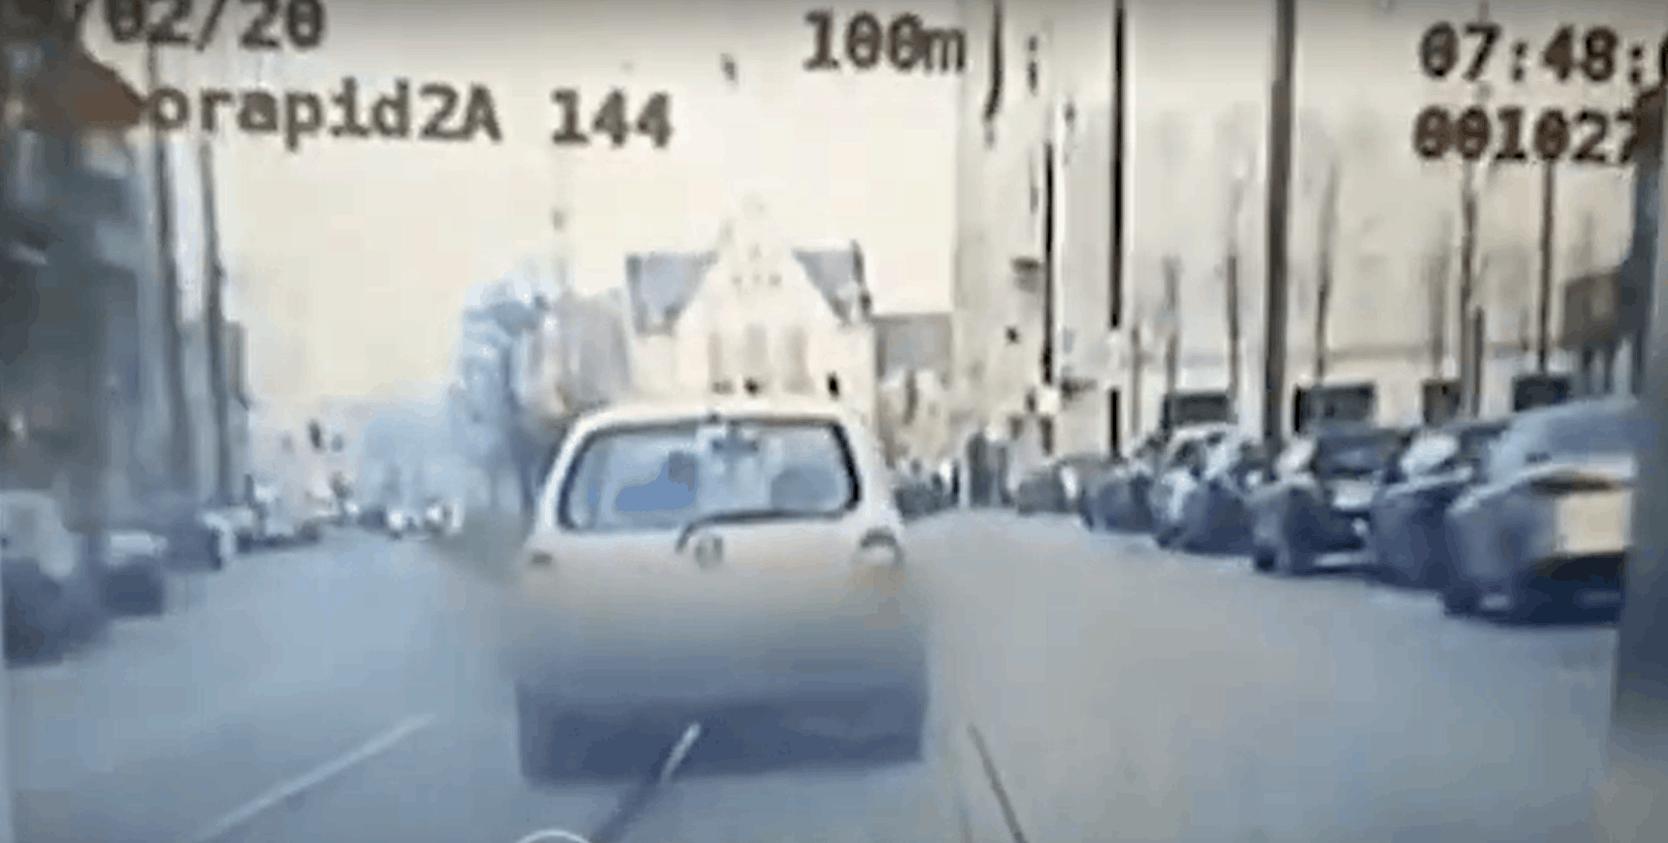 Film z zatrzymania: kierowca odgryzł policjantowi palec, wideo z zatrzymania pirata drogowego, to pokazuje, że Grupa Speed Poznań jest potrzebna.